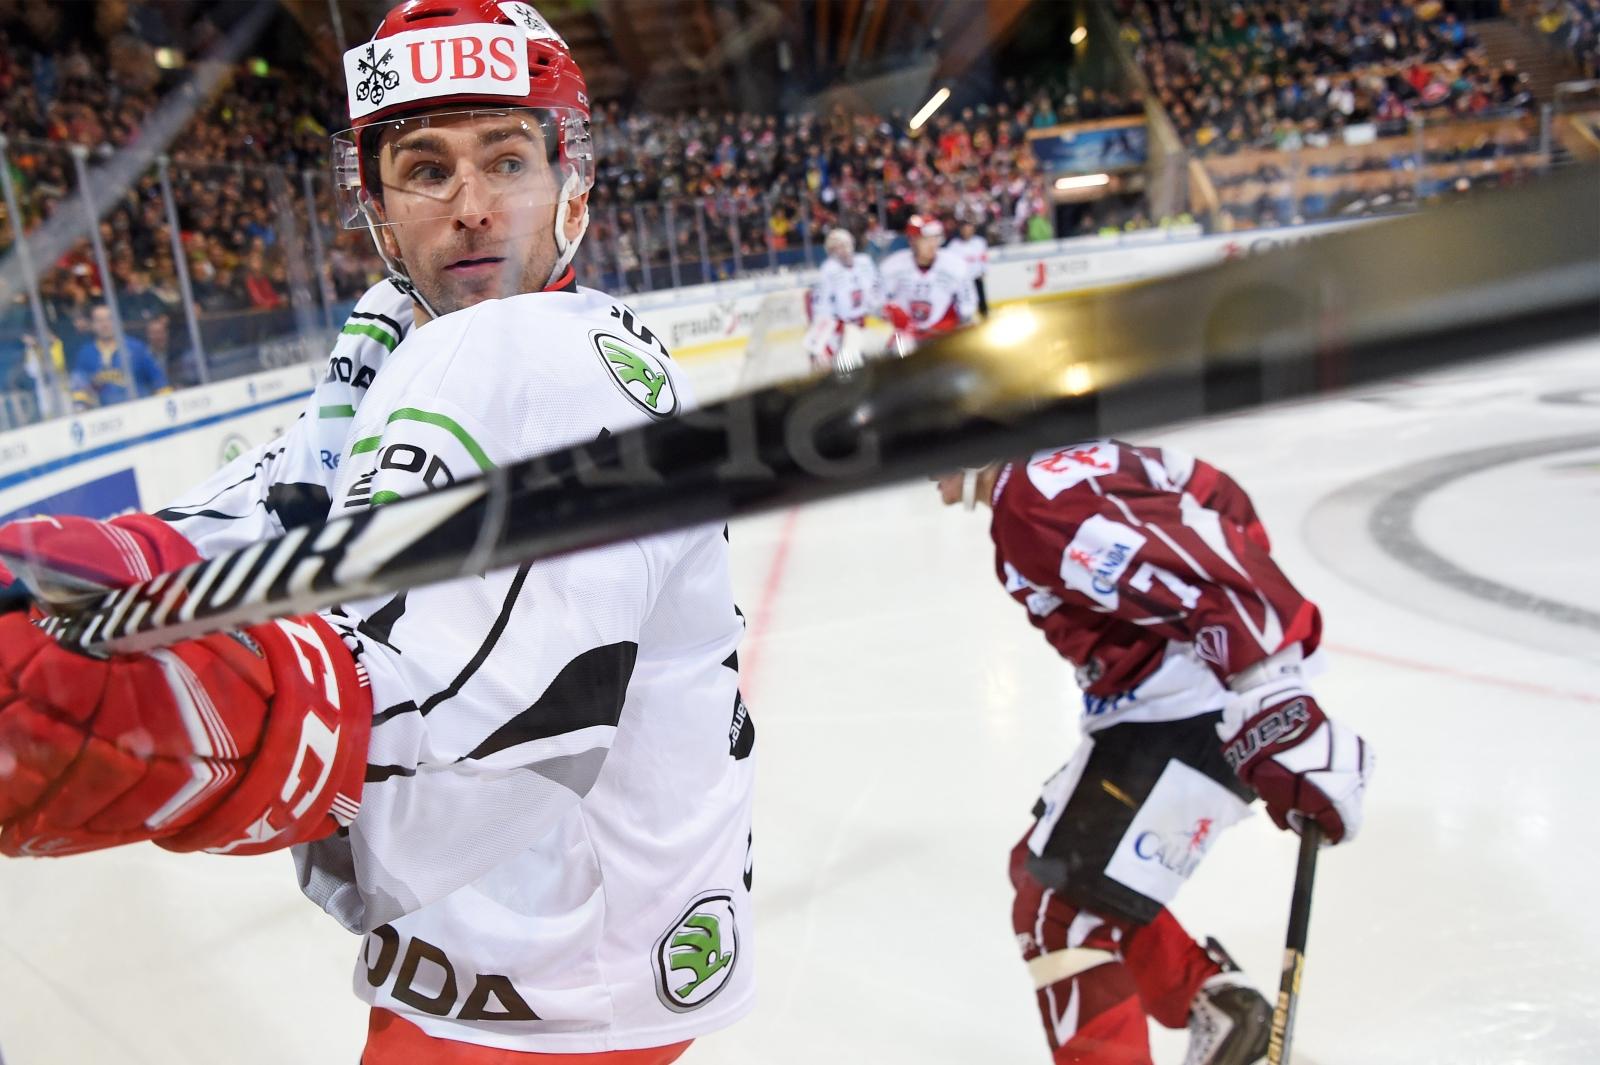 Mistrzostwa w hokeju lodowym, Davos, Szwajcaria